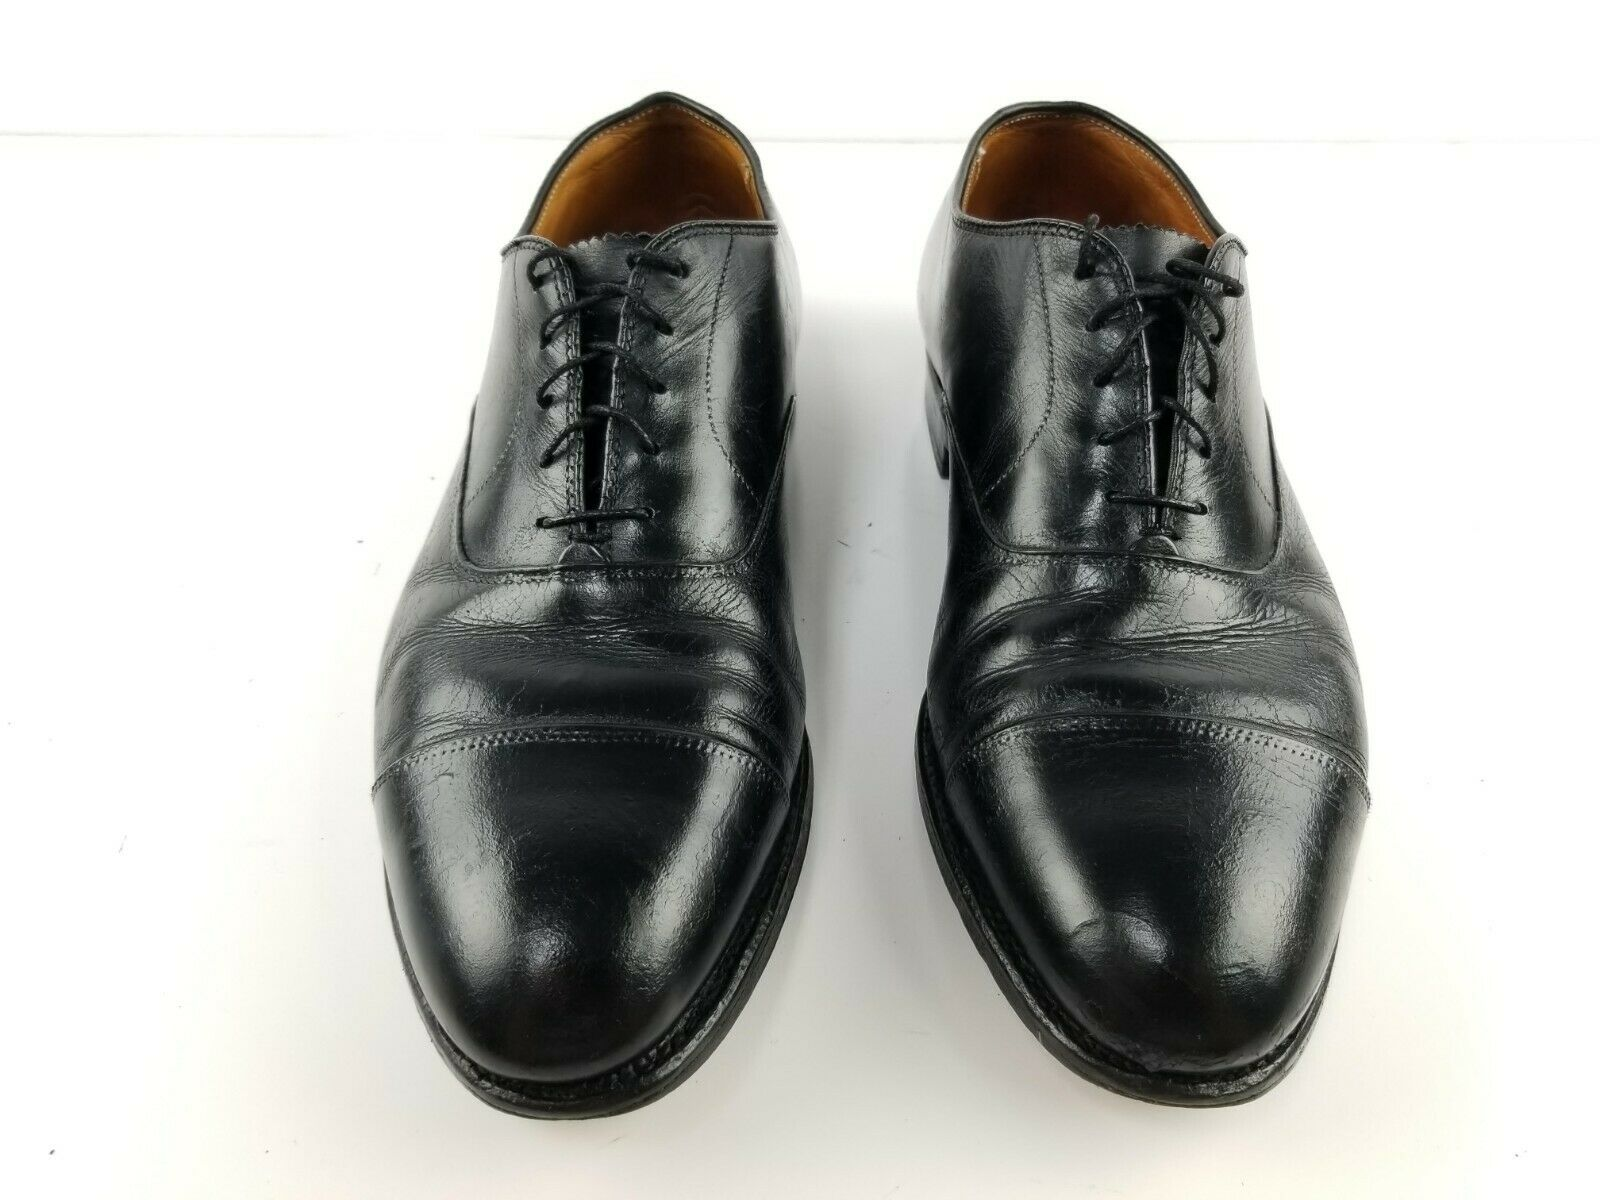 Alden 907 Cap Toe Hommes Noir Chaussures Taille 11.5 B \ D